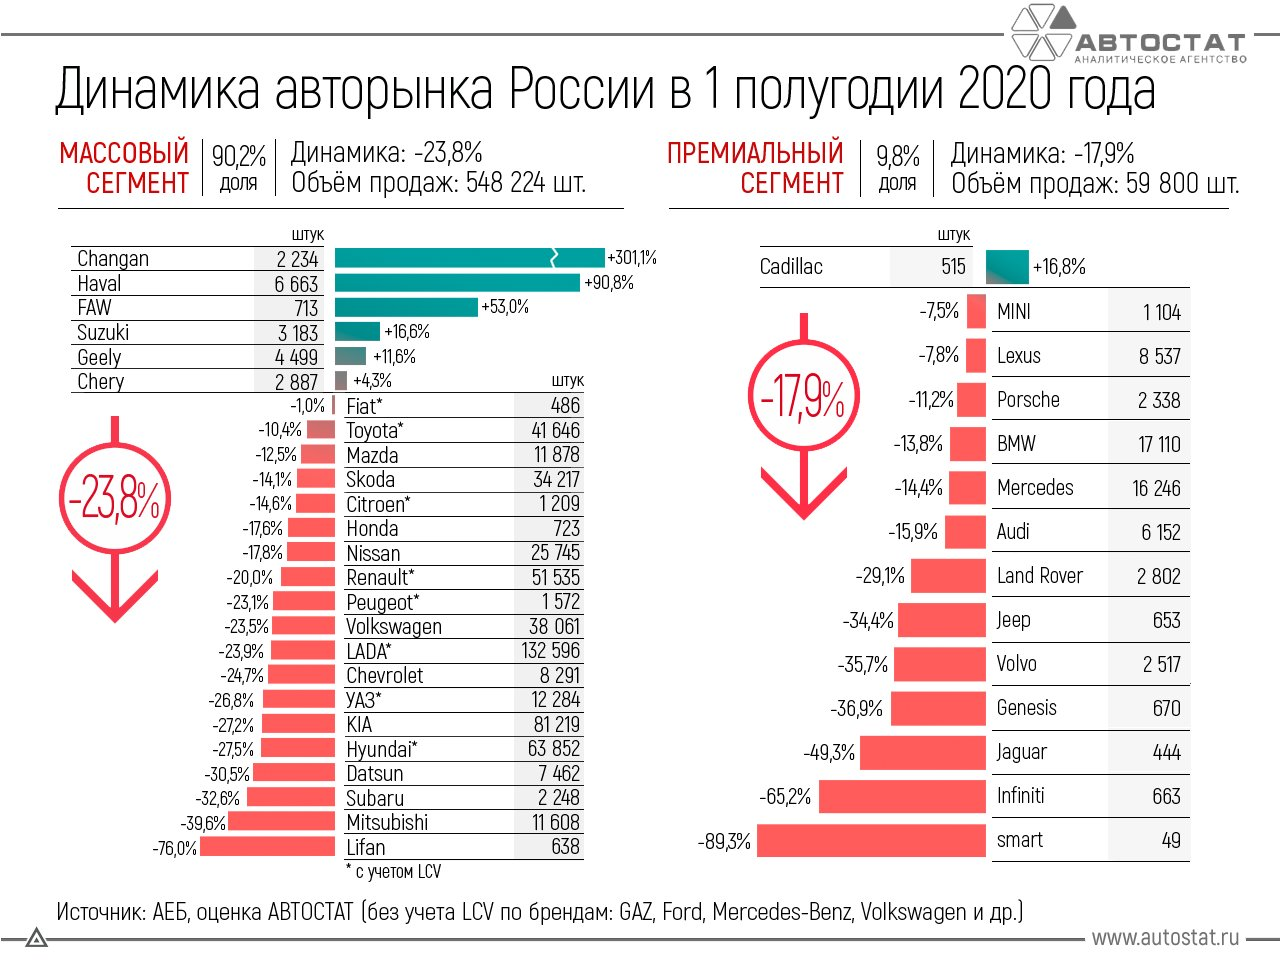 Динамика российского авторынка в 1 полугодии 2020 года